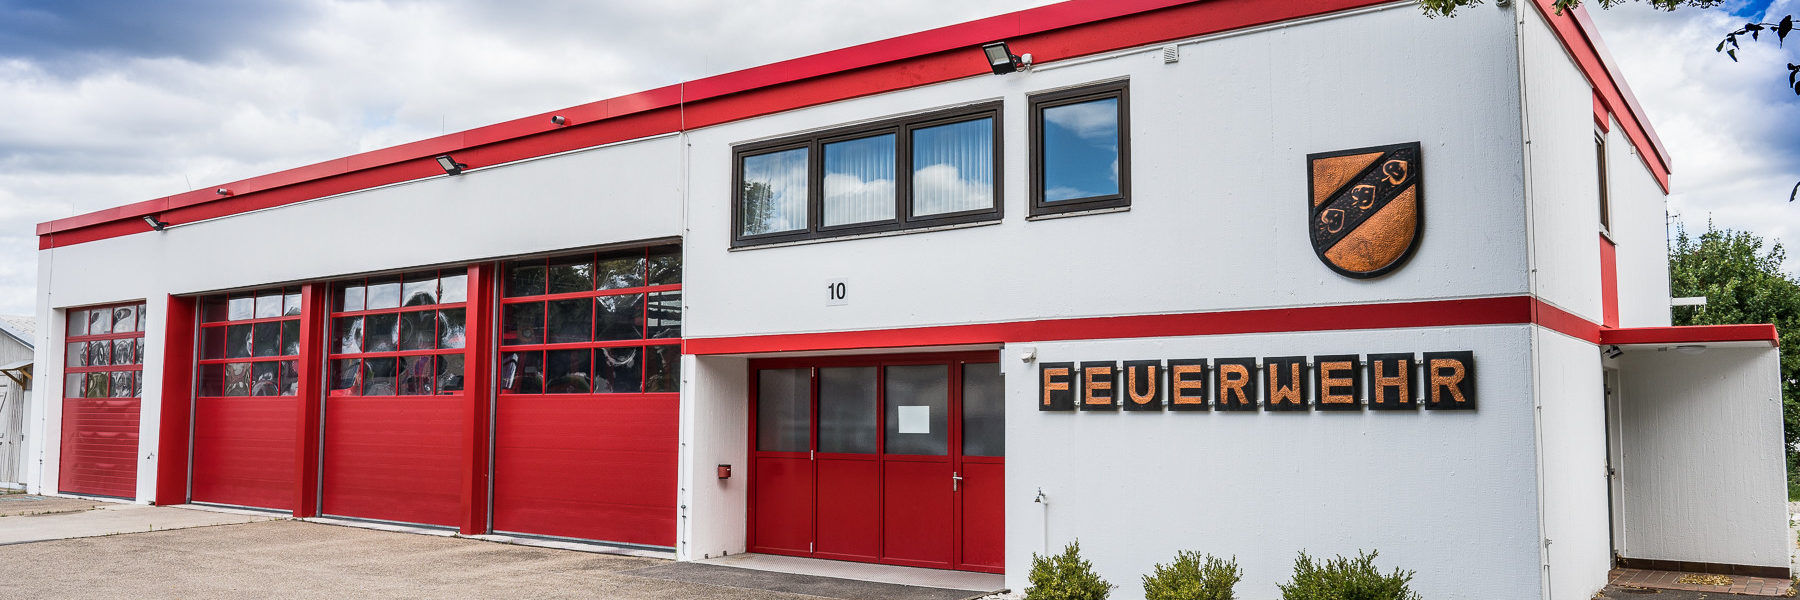 20200705-DSC01393-Feuerwehrhaus-Jesingen